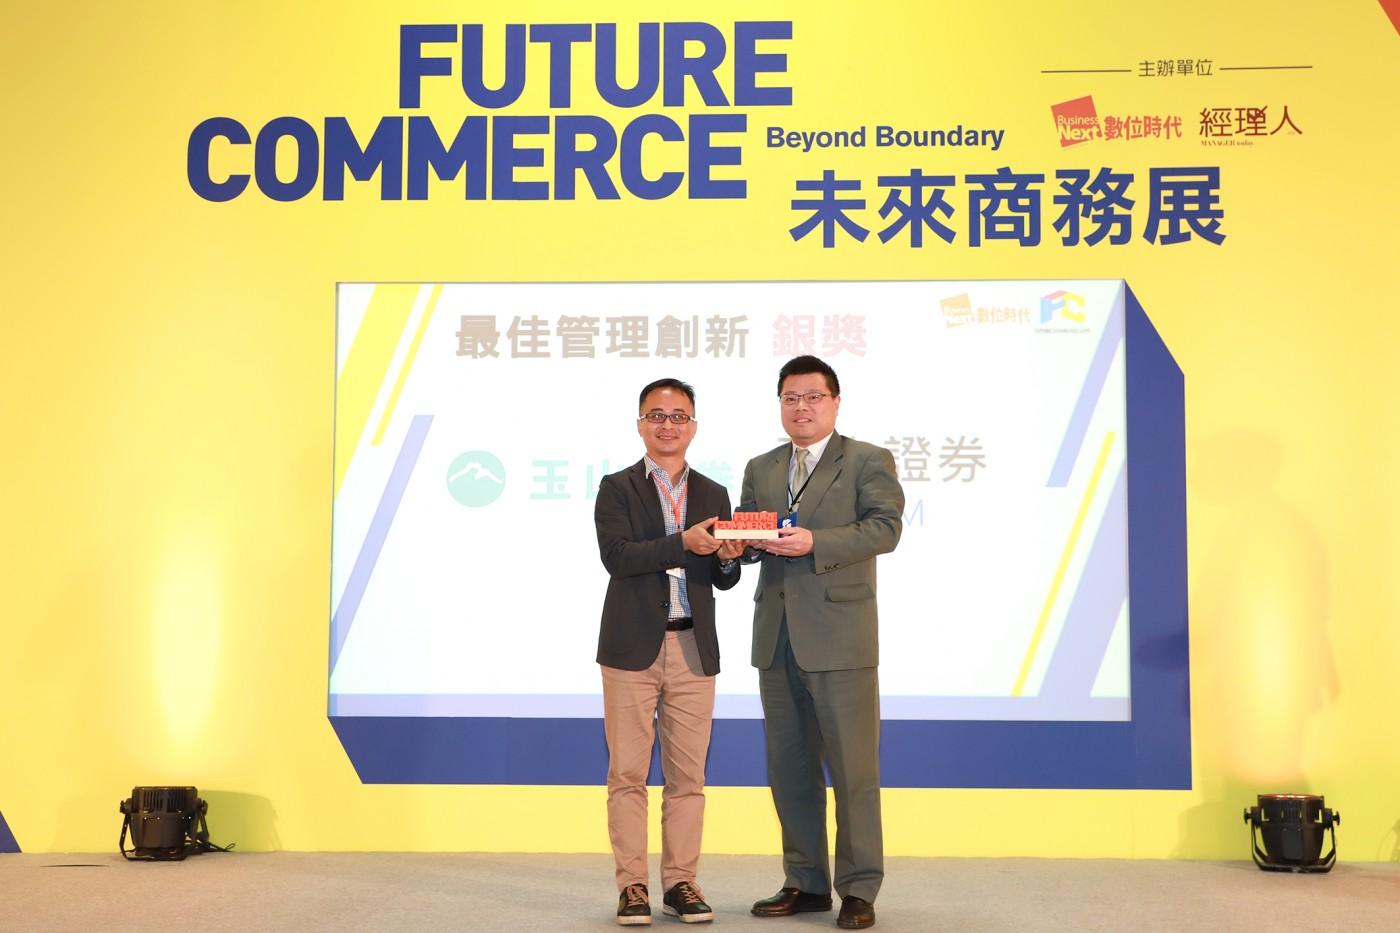 玉山證券榮獲《數位時代》FCA創新商務獎「最佳管理創新獎」